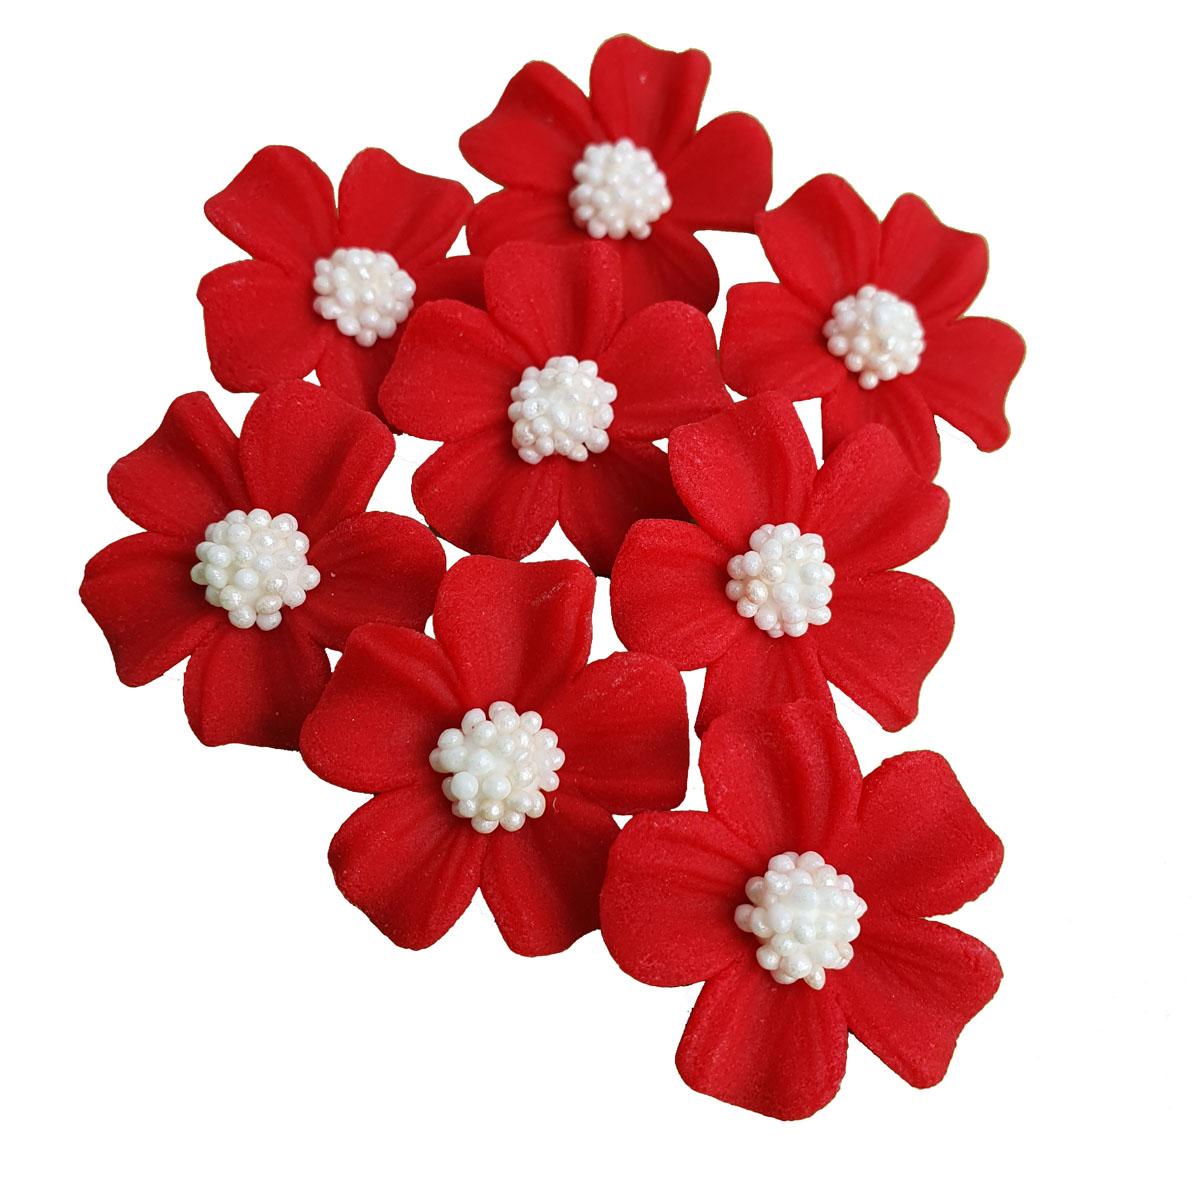 Zuckerblumen Vergissmeinnicht 8 Stück - Rot